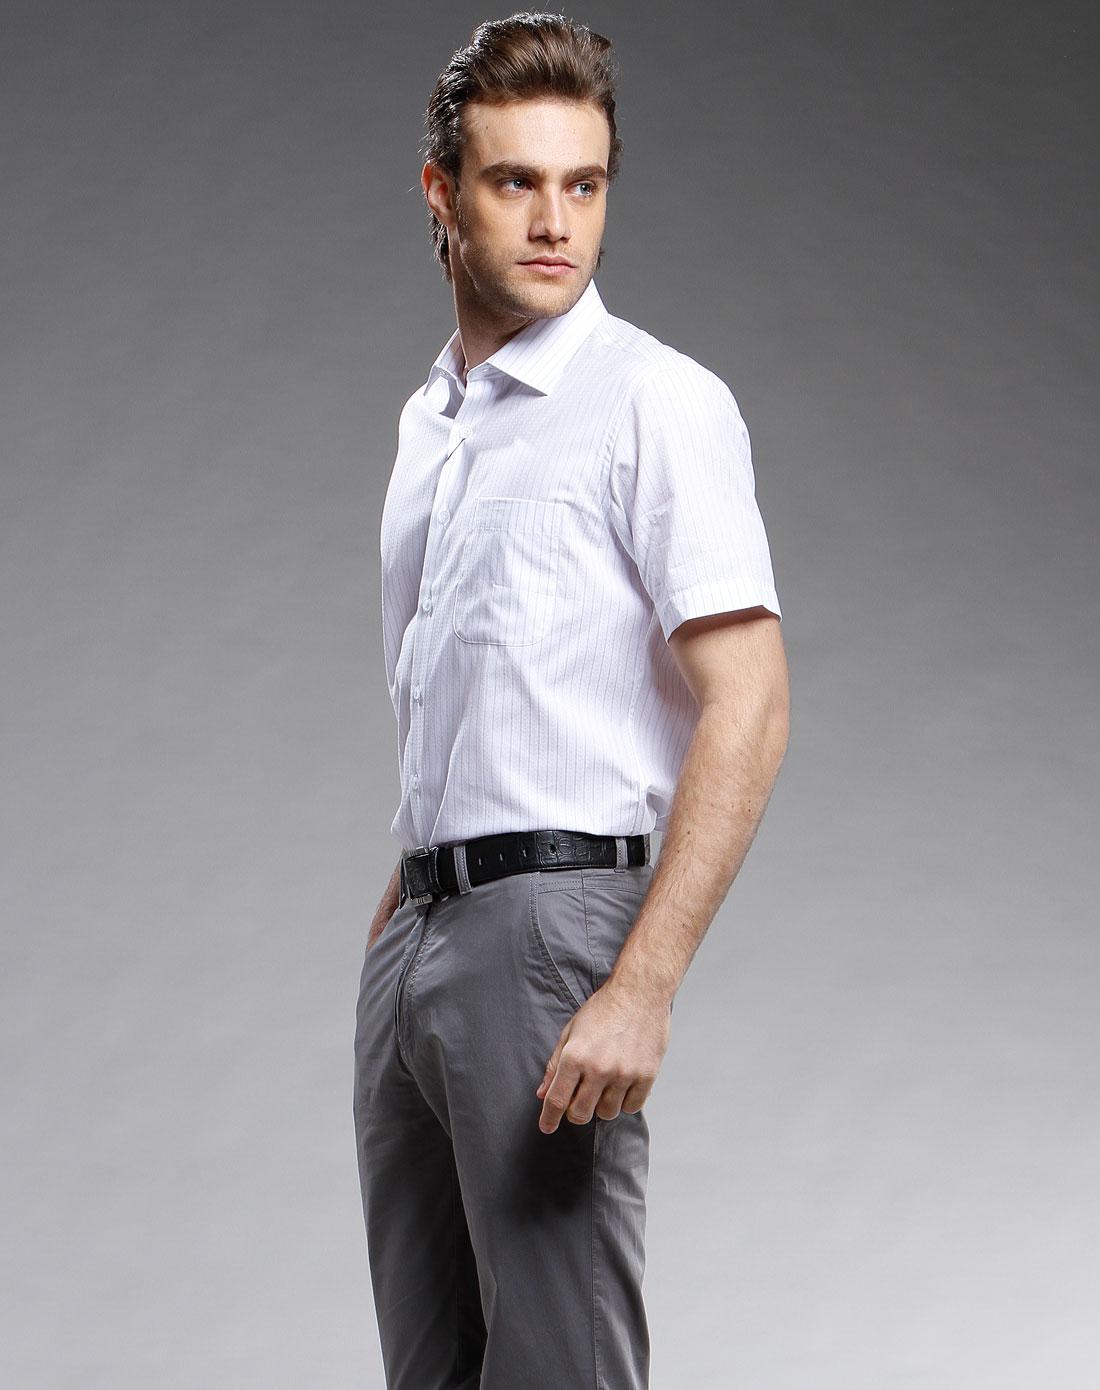 竖纹休闲短袖衬衫